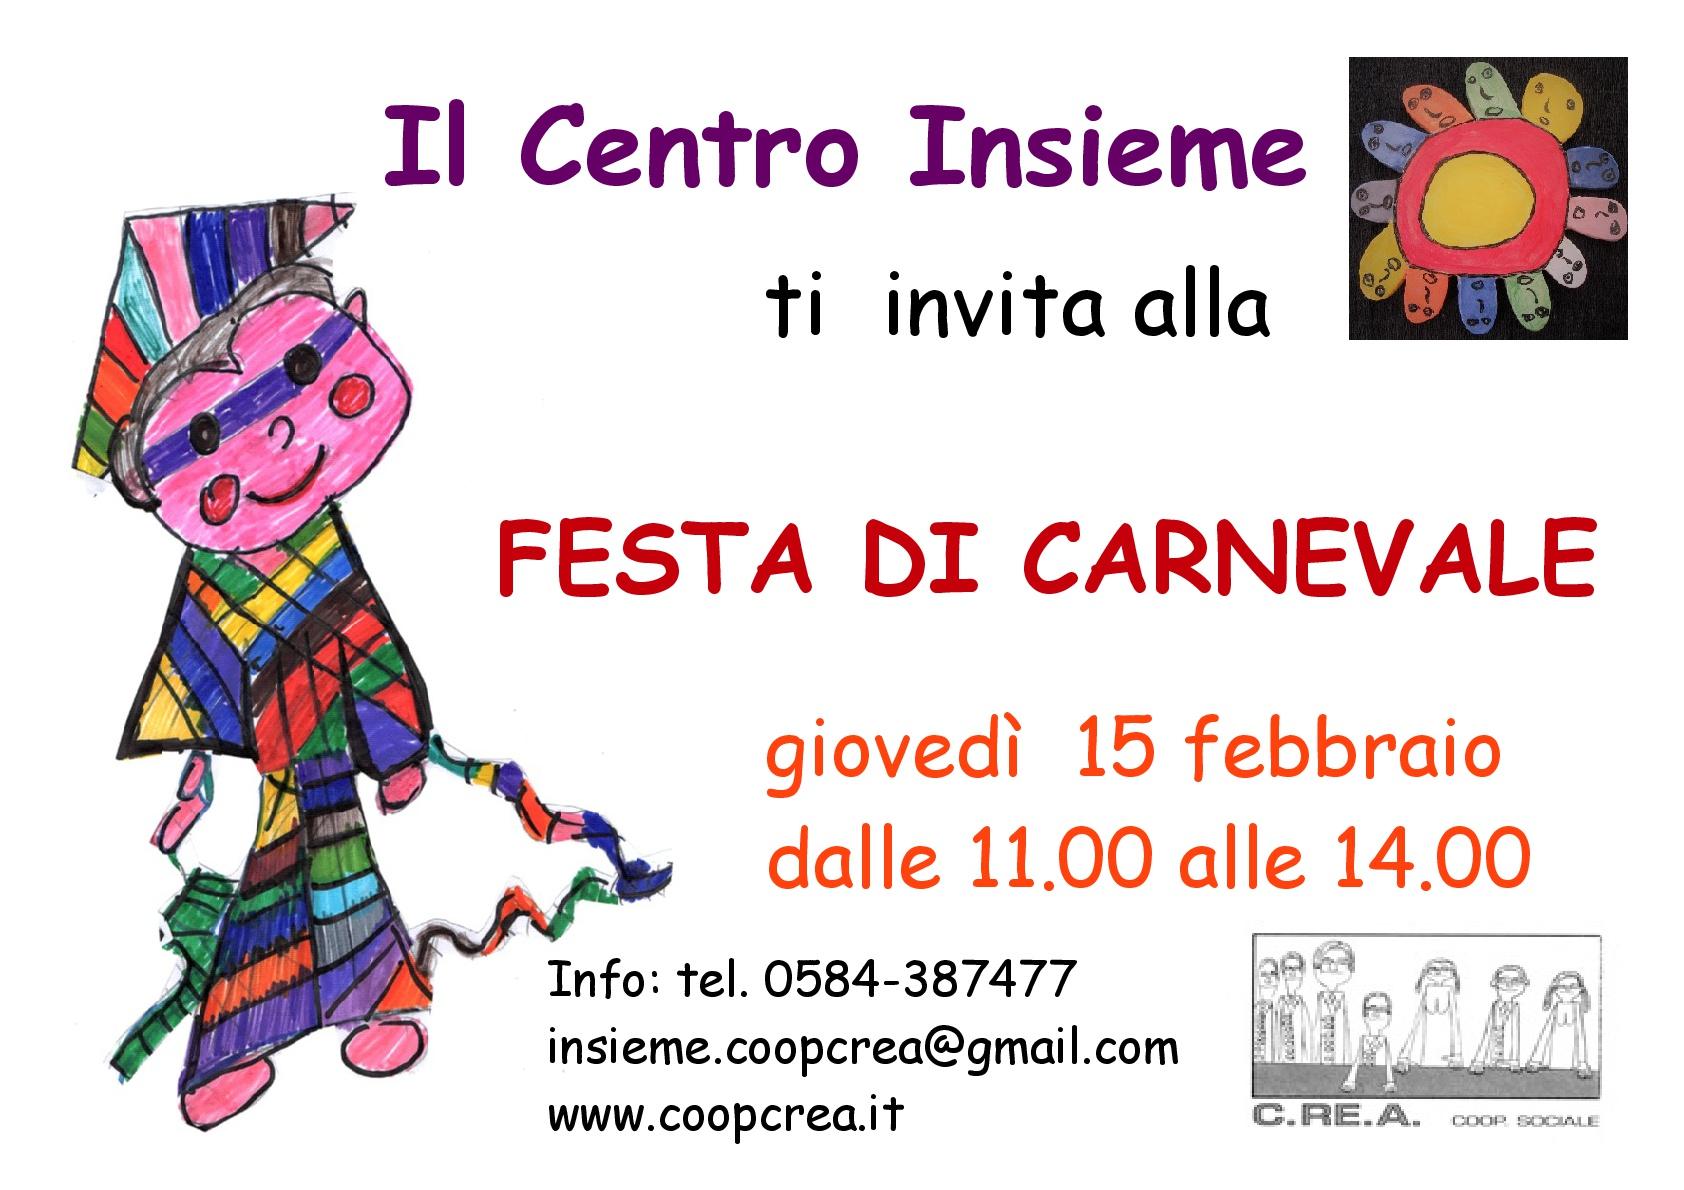 Festa di Carnevale al CDD Insieme di Viareggio   C.RE.A